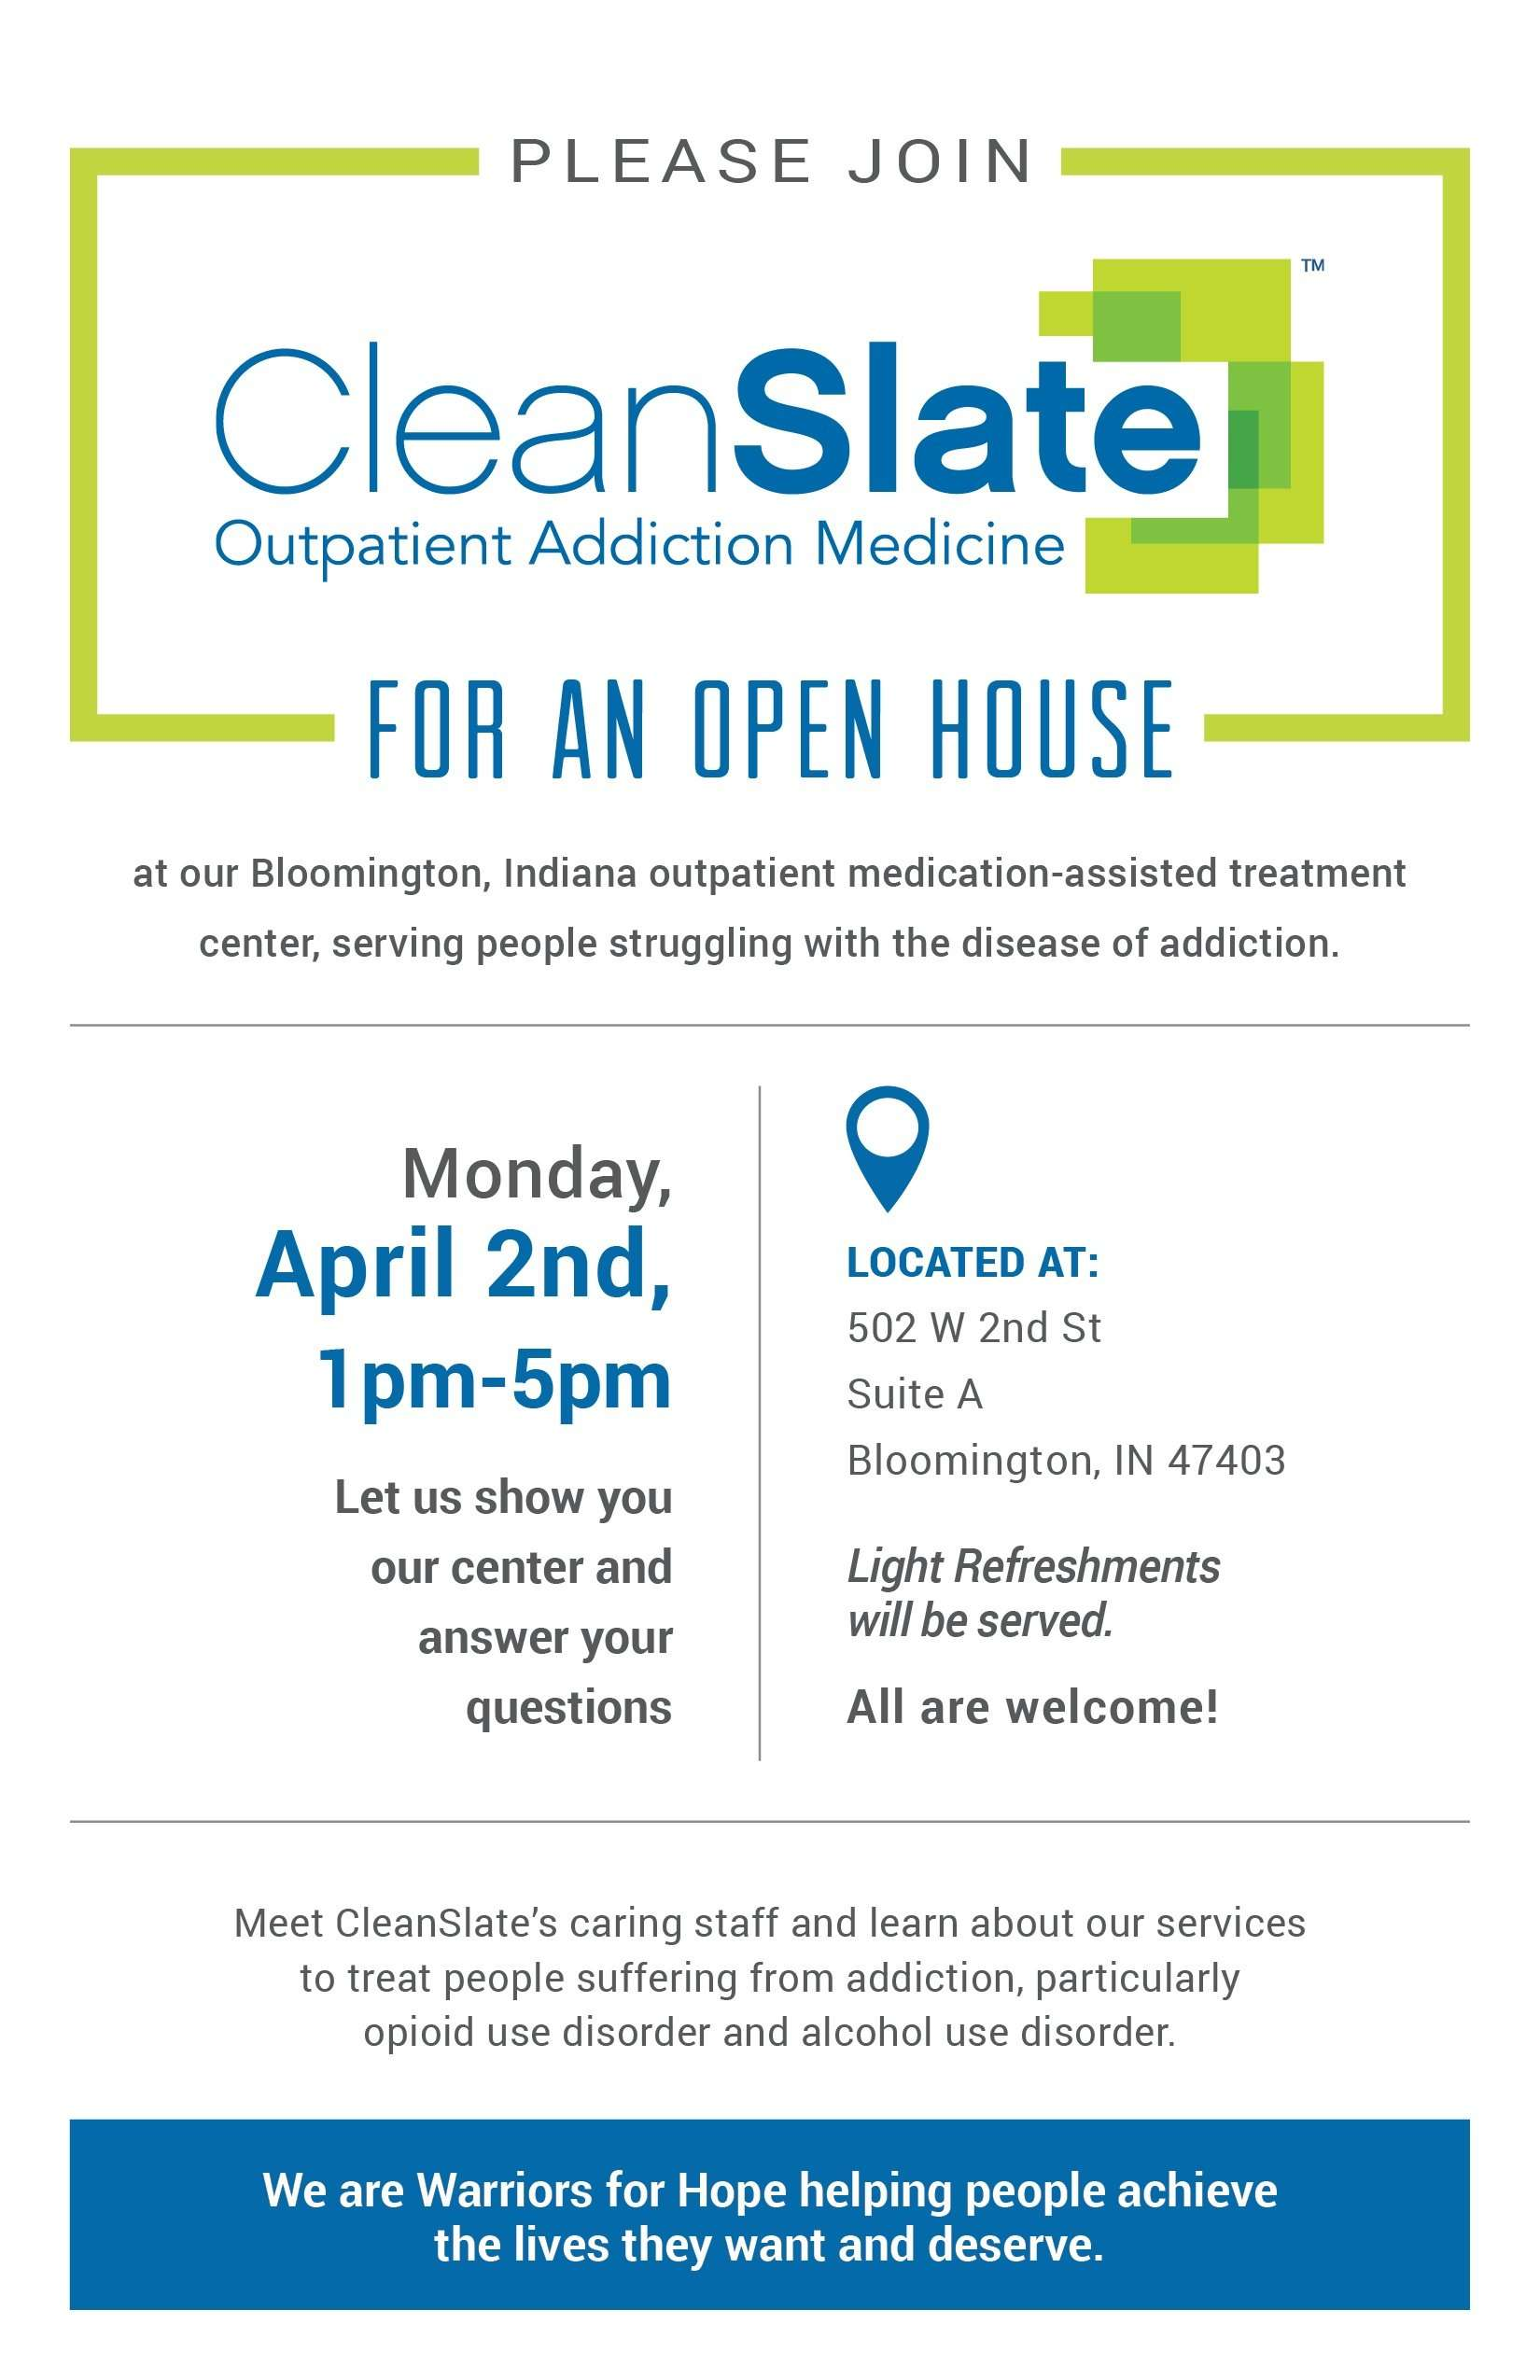 CleanSlate_OpenHouse_Invite_BloomingtonIN_East_WEB_3.26.18